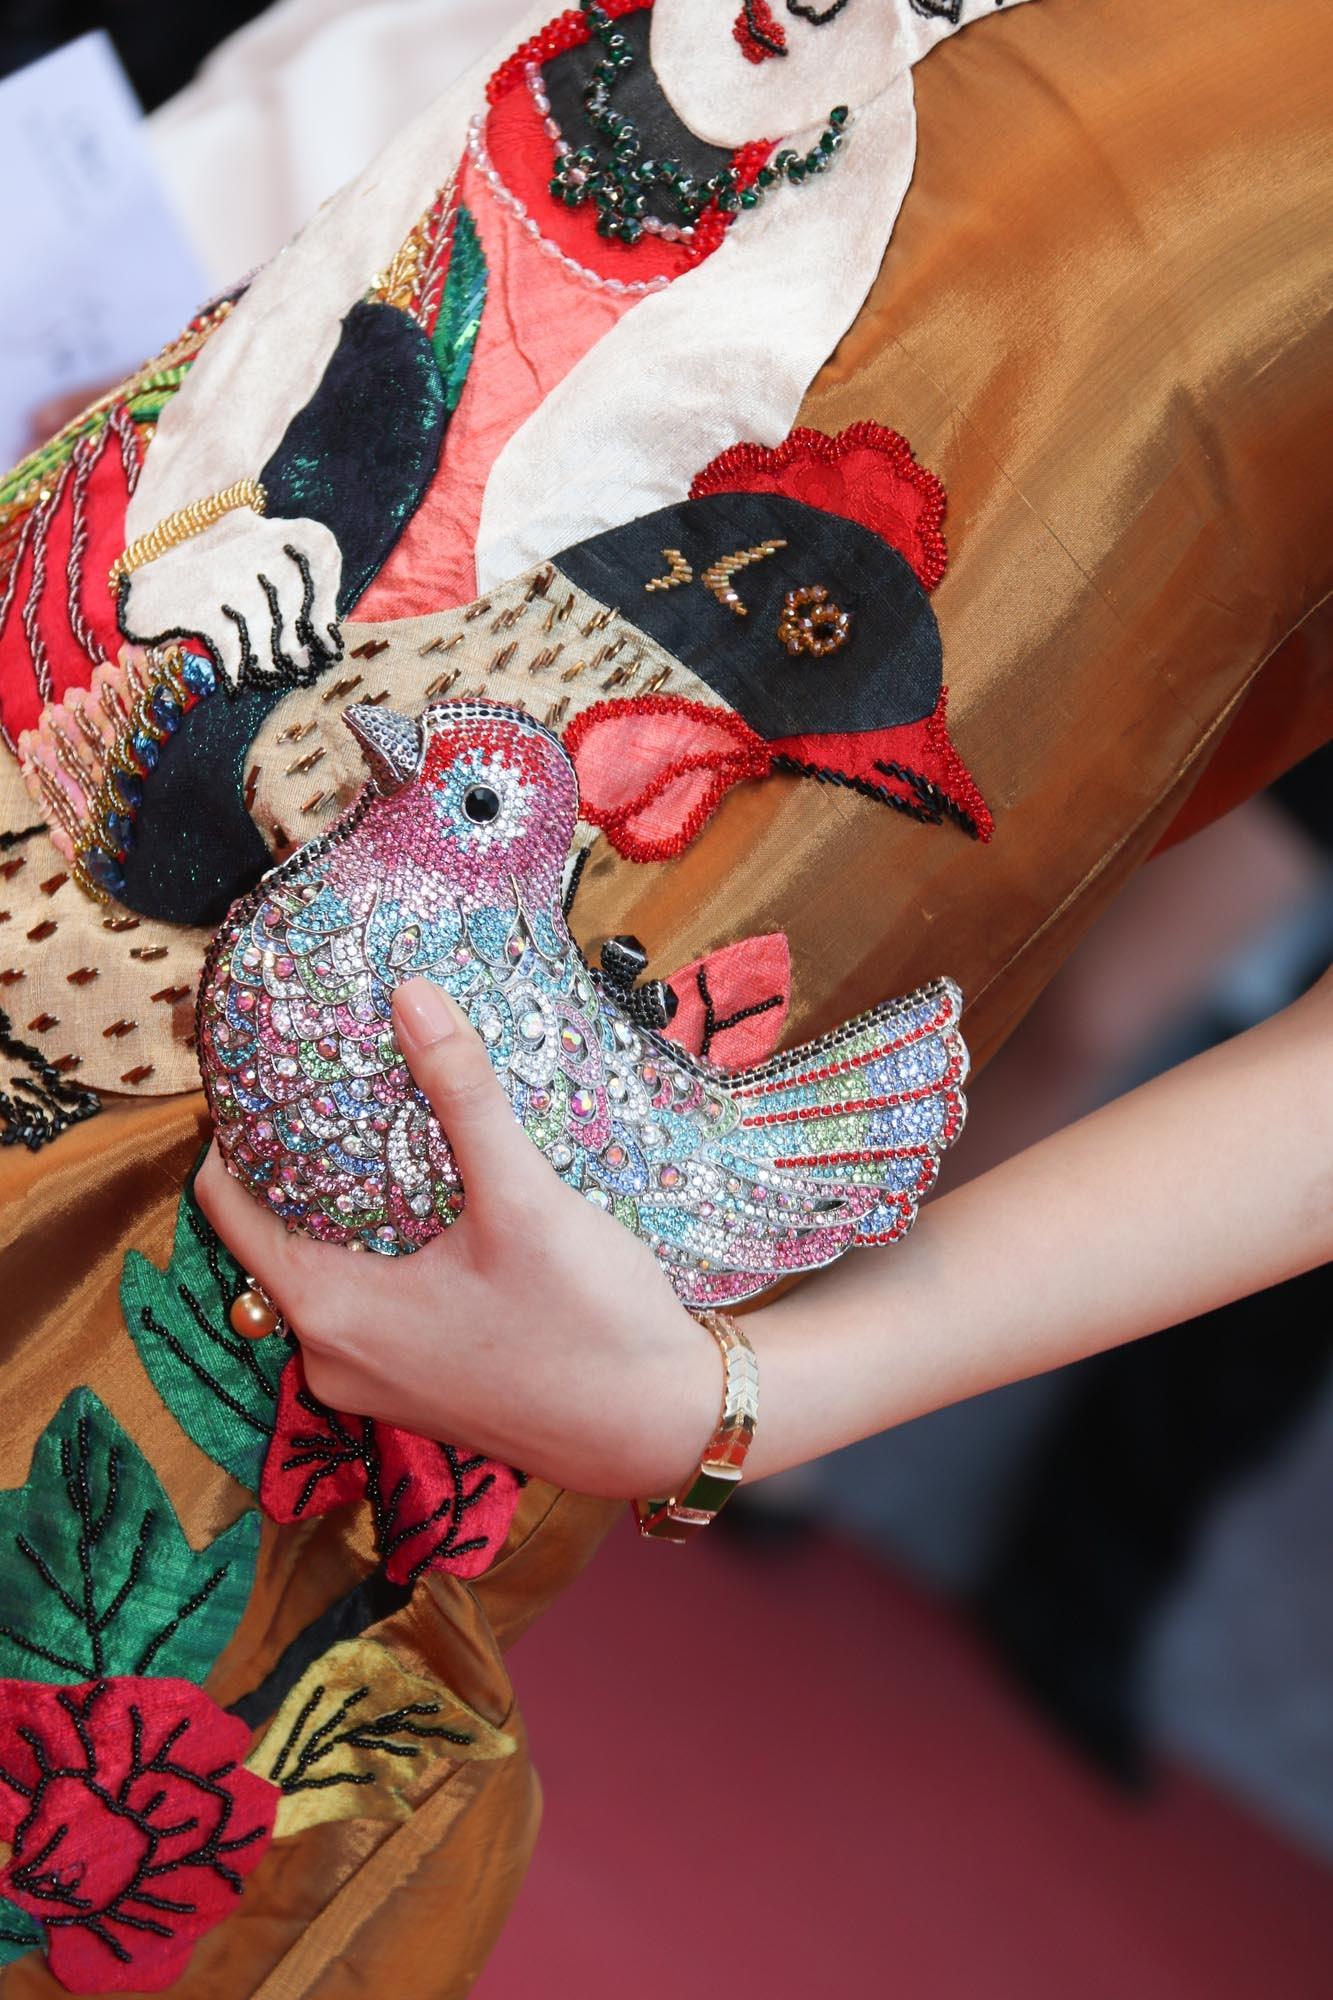 Cô diện một chiếc váy có họa tiết tranh Đông Hồ được thêu tay tỉ mỉ và đẹp khéo léo kết hợp cùng chiếc clutch hình chú chim đính hạt lấp lánh, khăn vấn tóc... tạo nên tổng thể khá hài hòa, thể hiện được nét riêng của một diễn viên Châu Á.